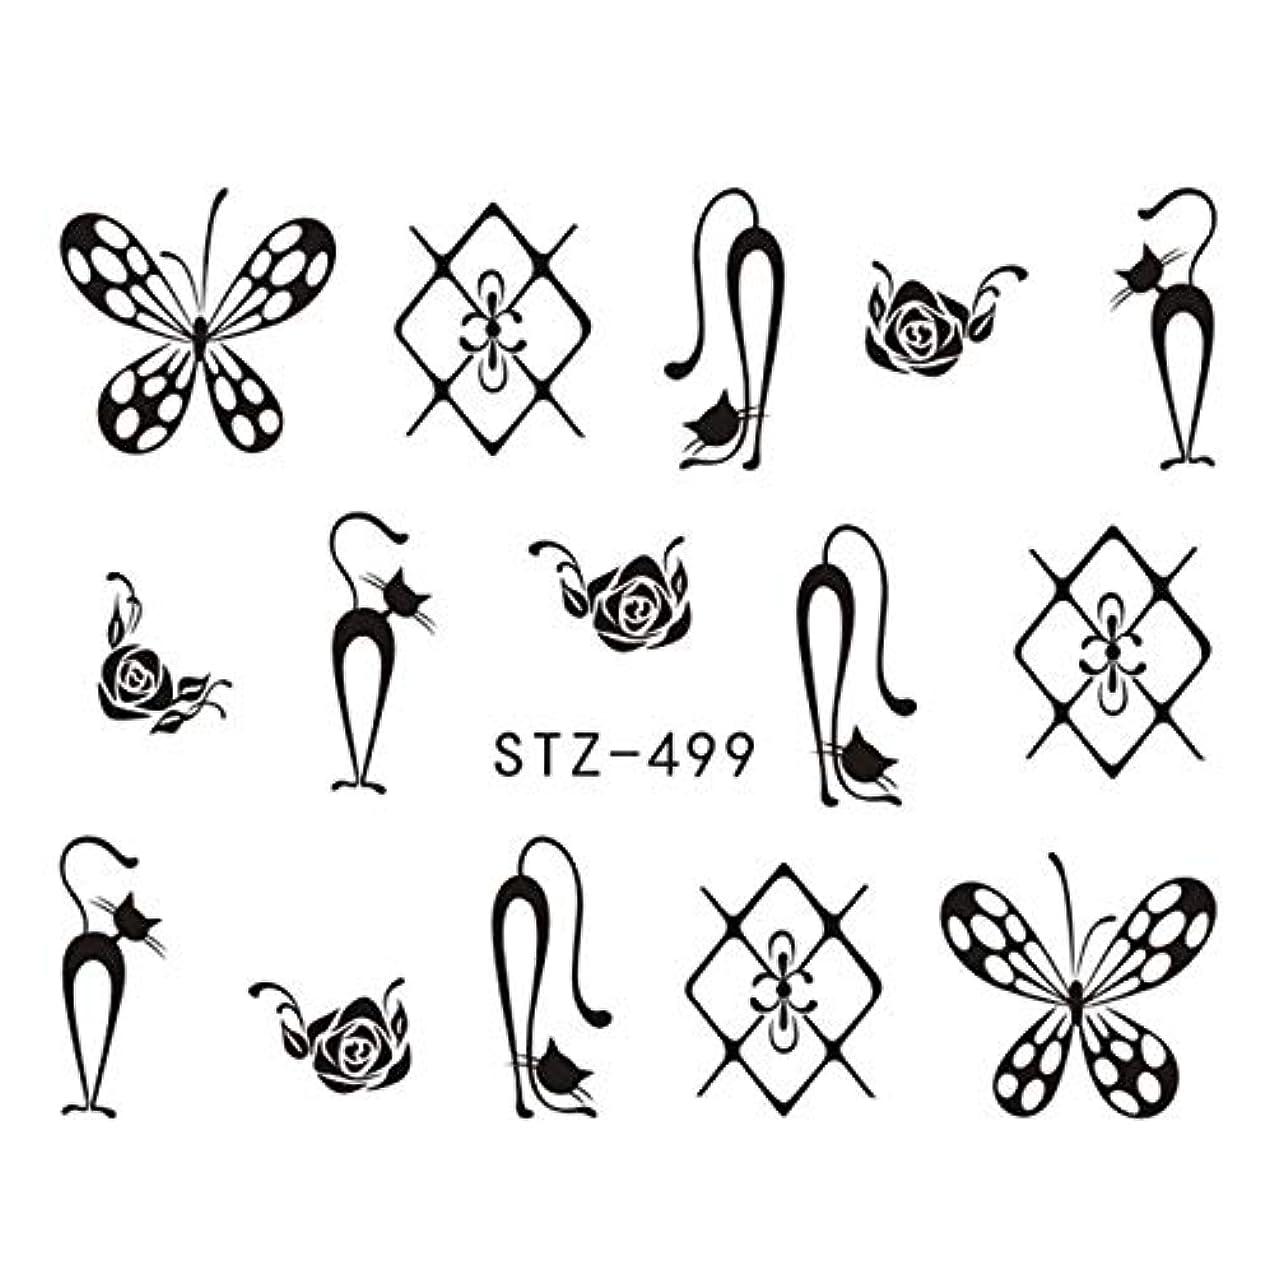 おもちゃ店主腐敗CELINEZL CELINEZL 3 PCS DIYファッション水転写アートデカールネイルステッカー(STZ500) (色 : STZ499)